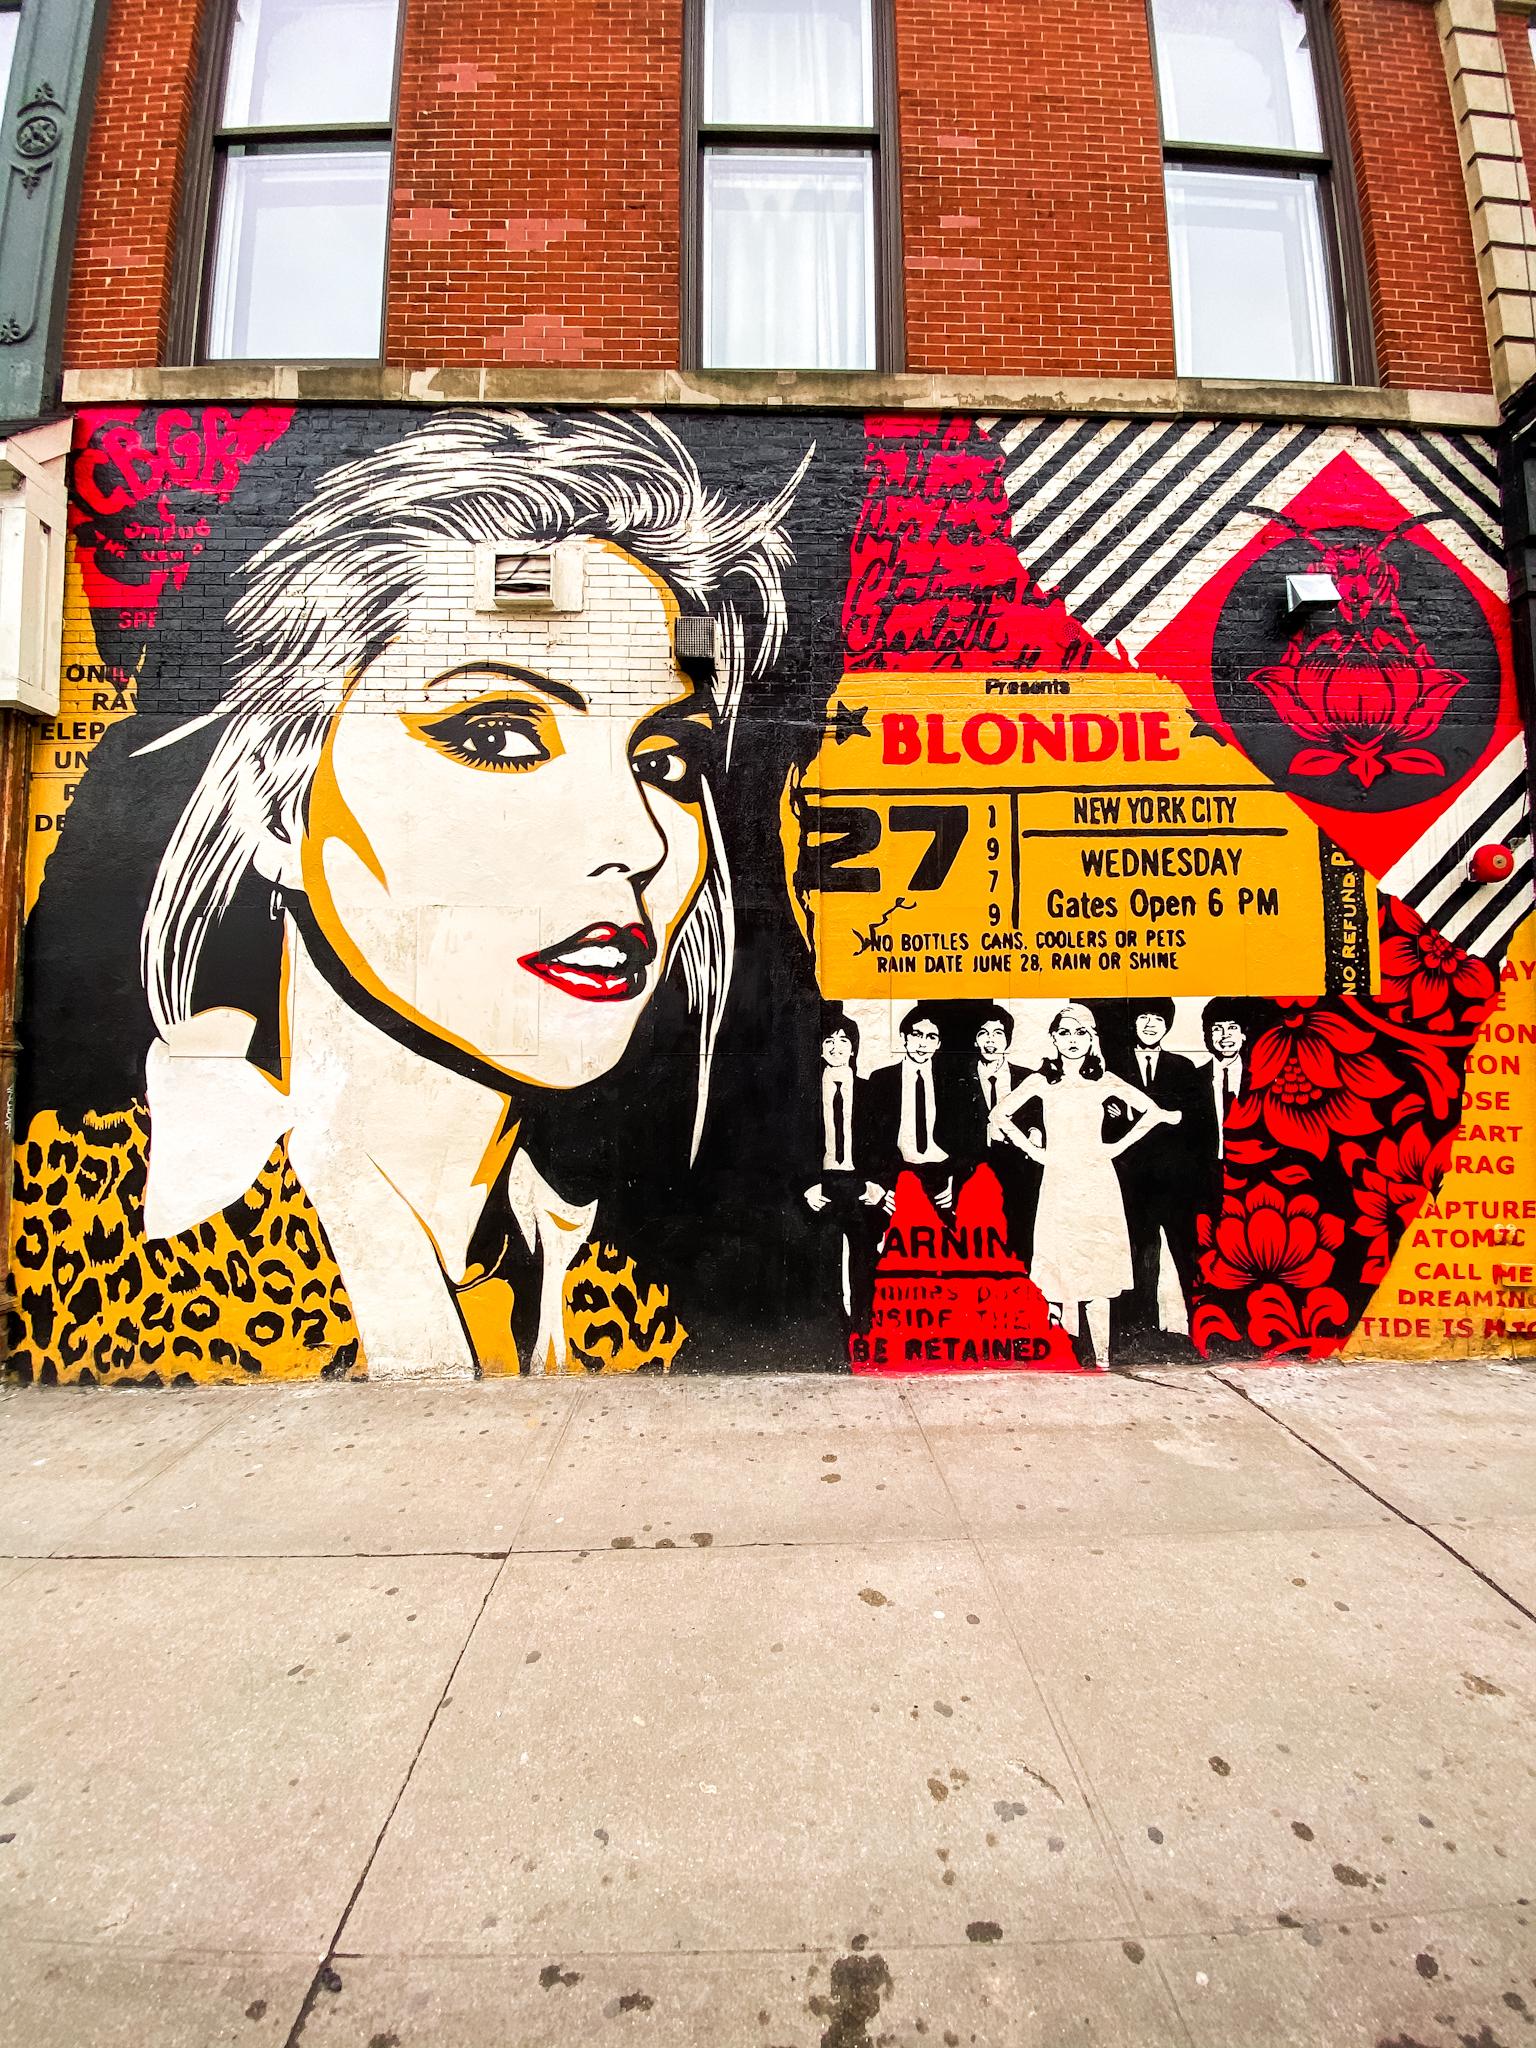 Debbie Harry Mural NYC, Blondie Mural in NYC, CBGB NYC mural